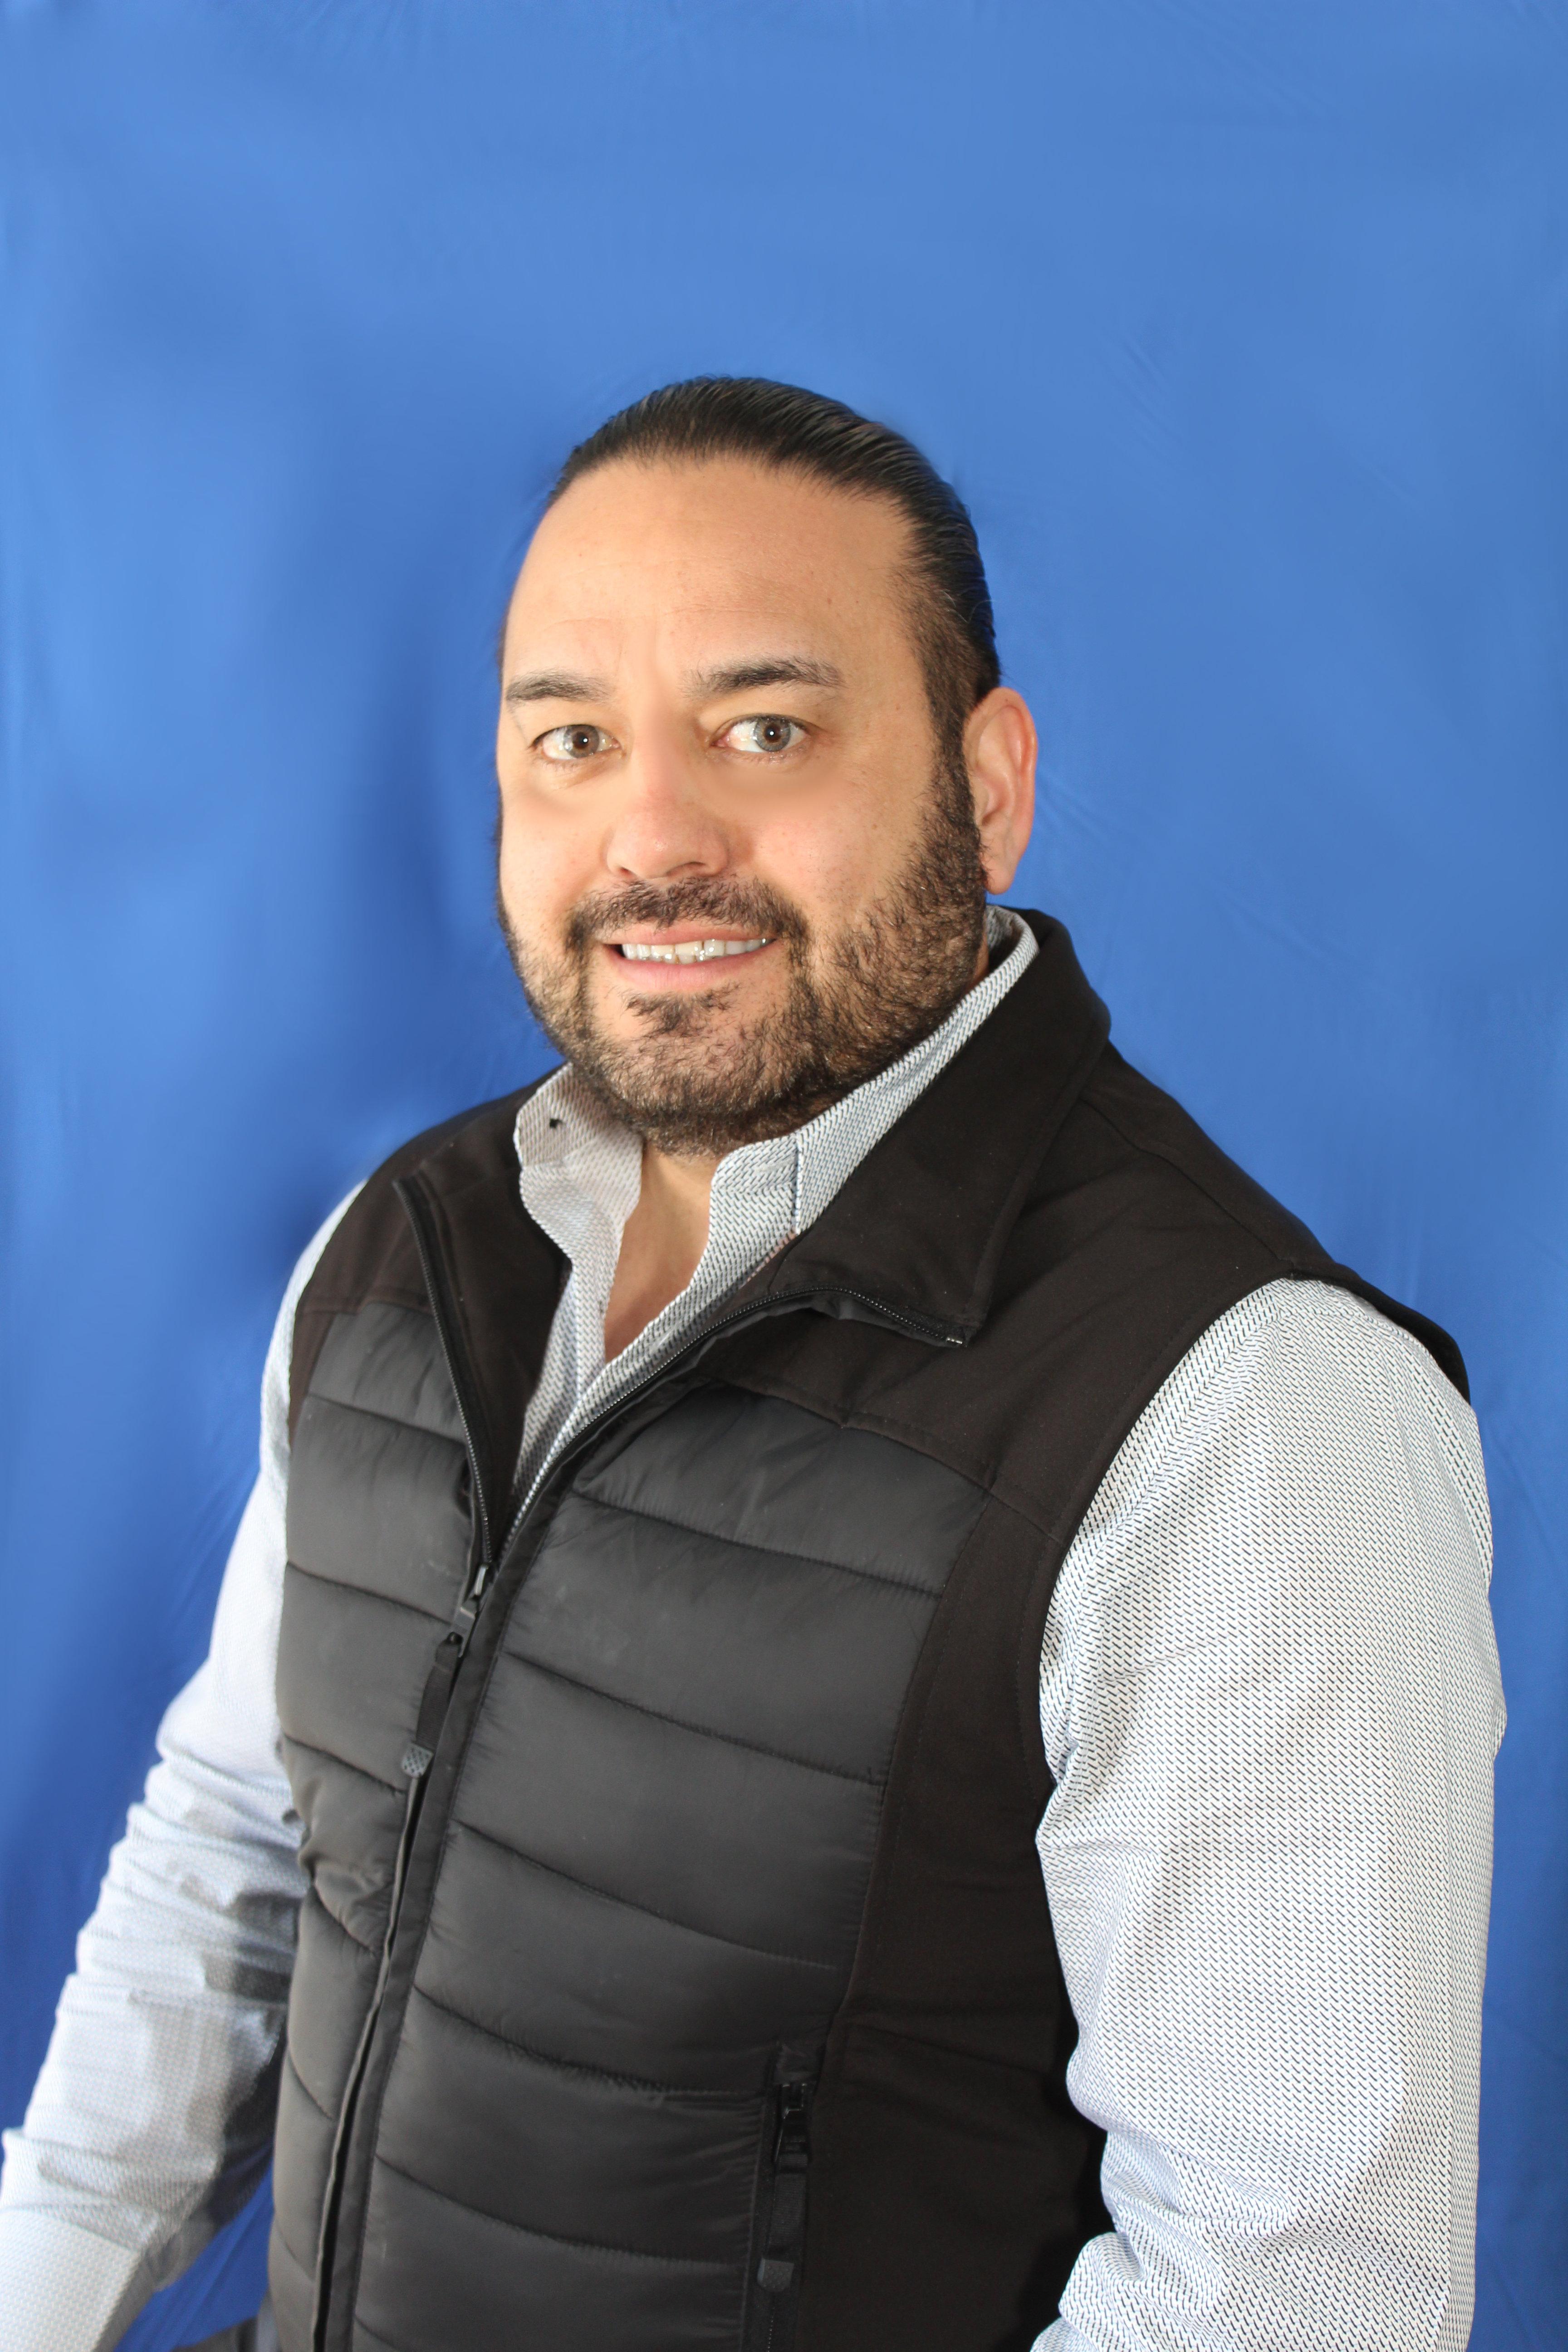 Eli Covarrubias - Sales Consultant